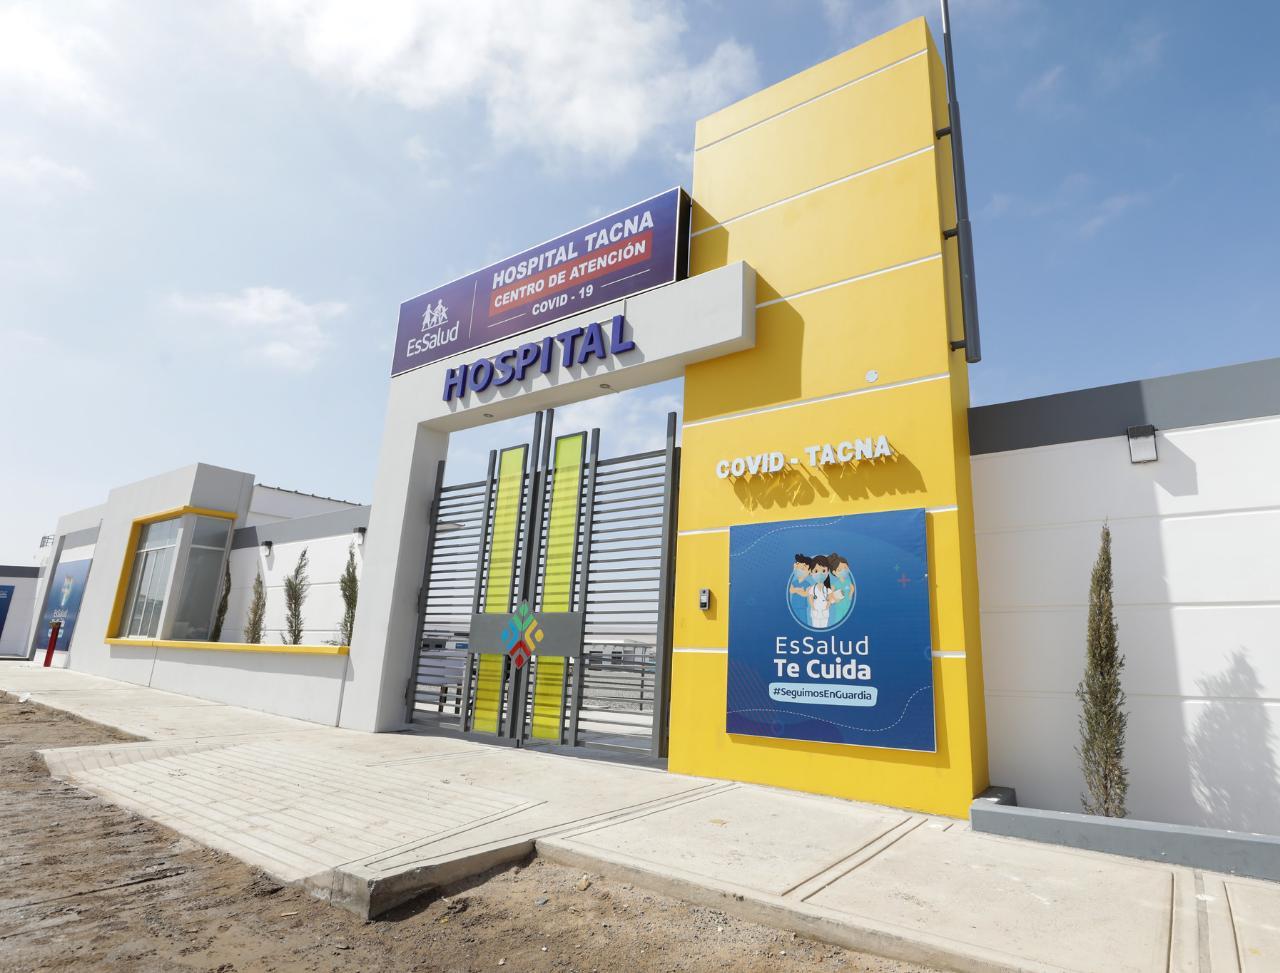 Essalud - EsSalud continuará con administración de Centro de Atención Covid-19 de hospital regional de Tacna